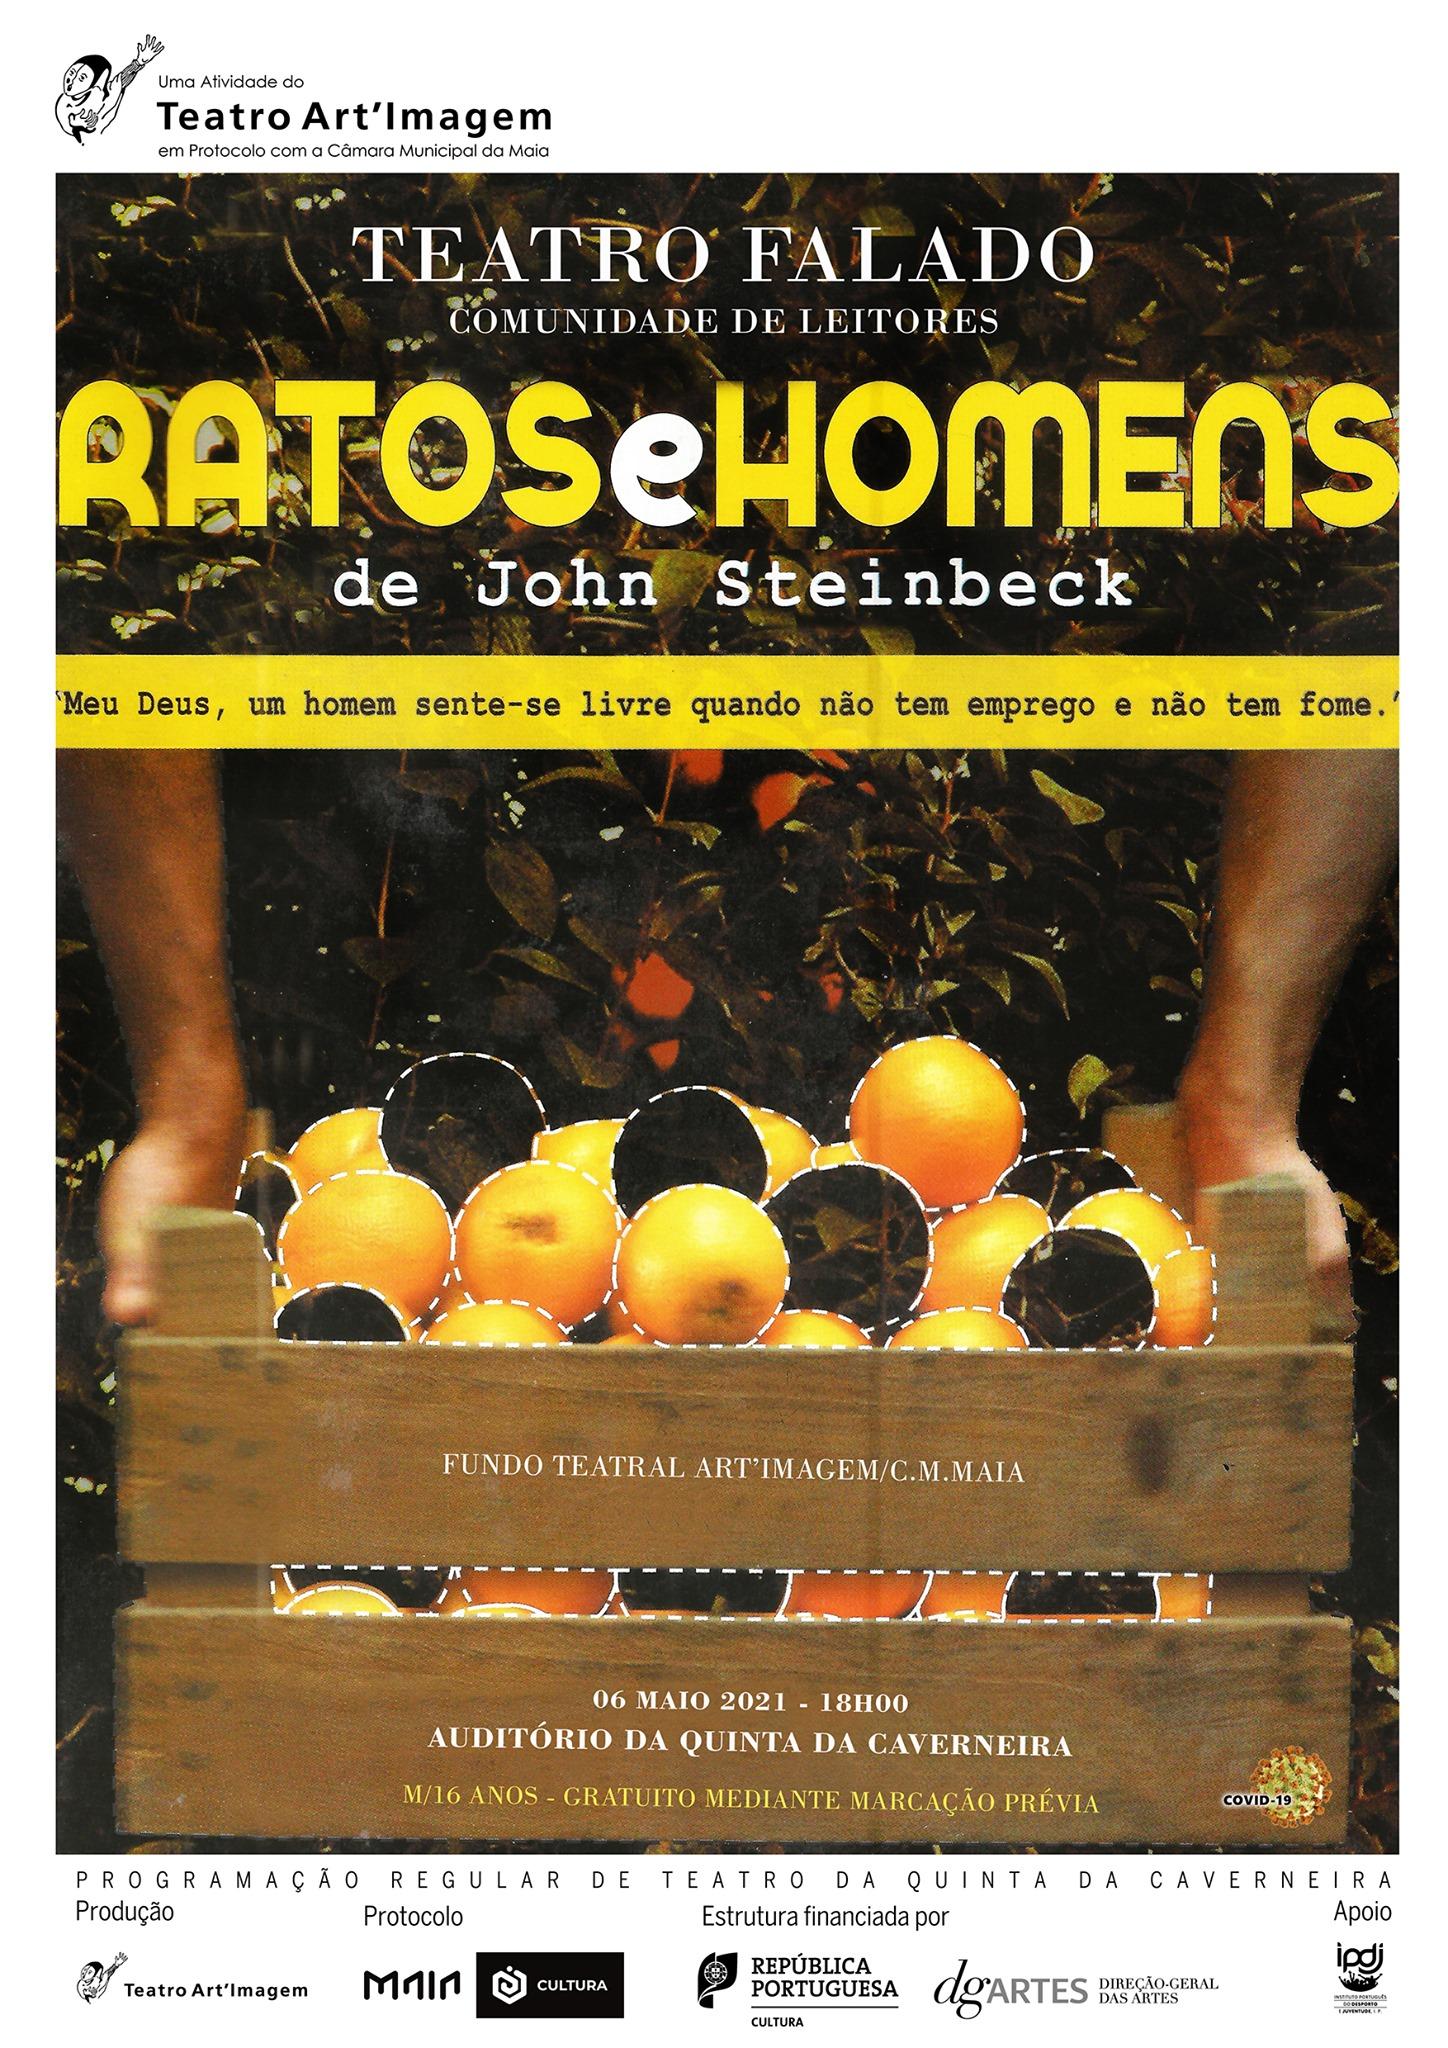 'Ratos e Homens', de John Steinbeck| Teatro Falado (comunidade de leitores)